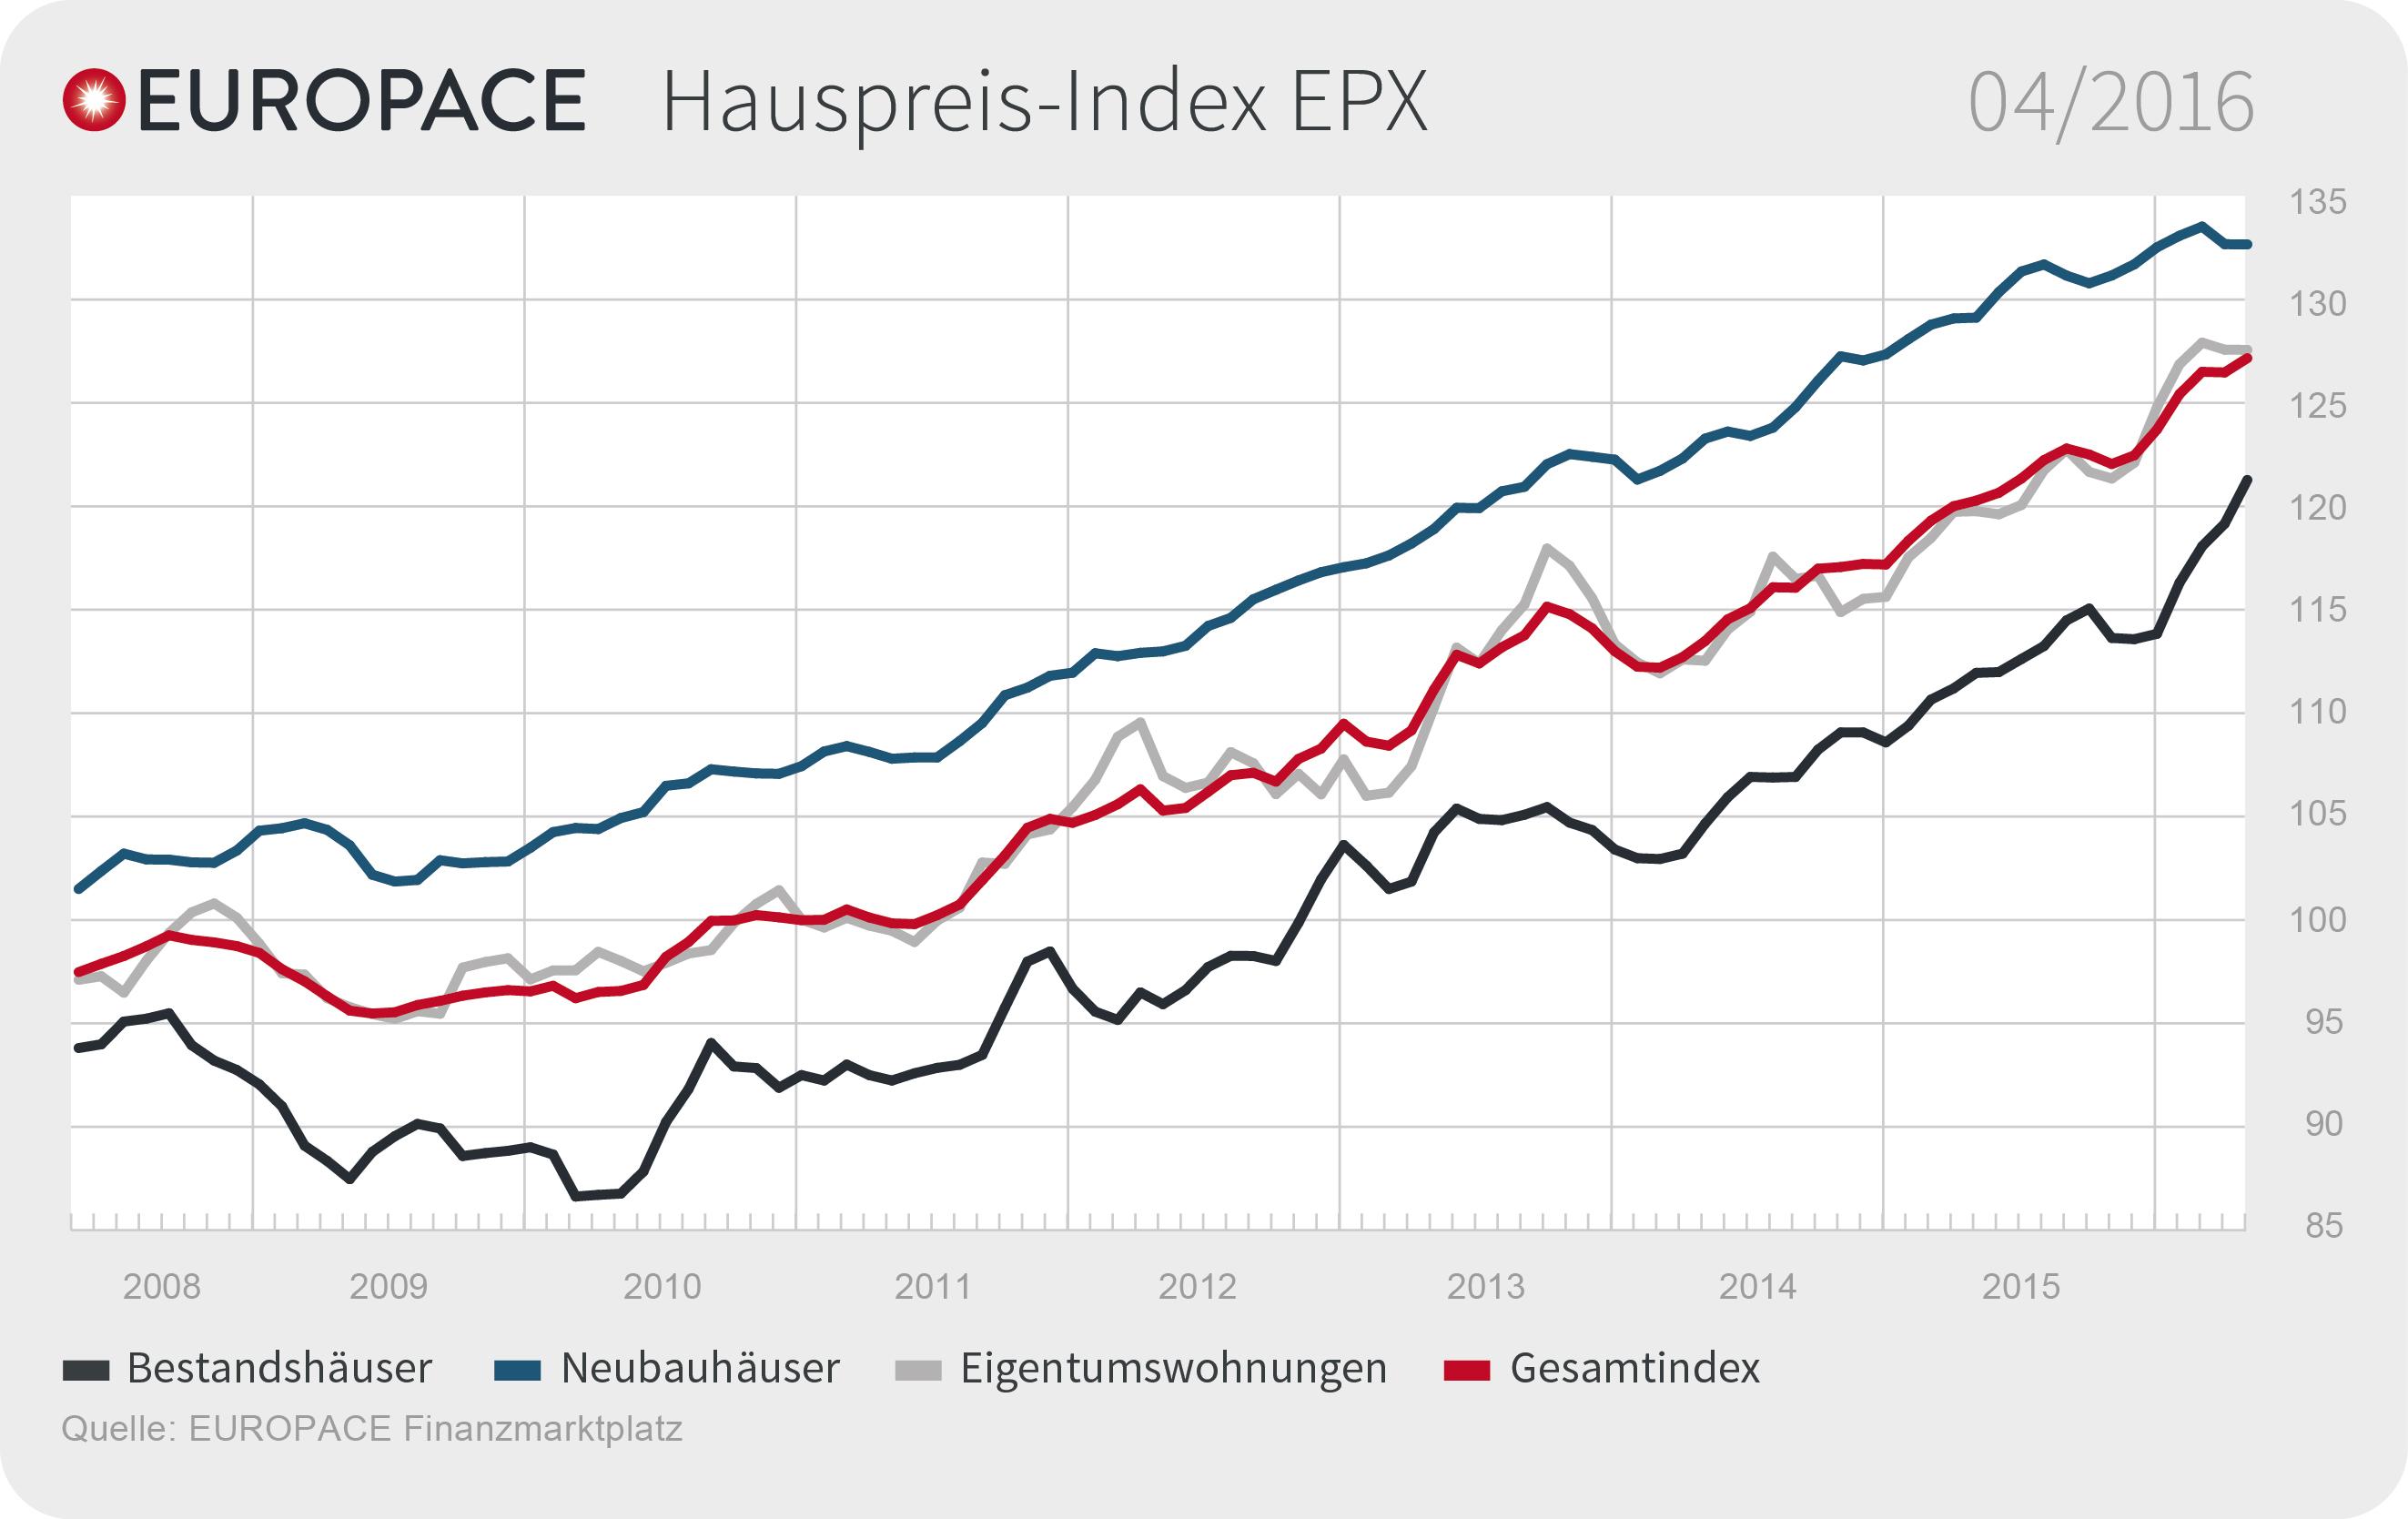 Epx April 2016 De in EPX: Preise für Bestandsimmobilien ziehen an